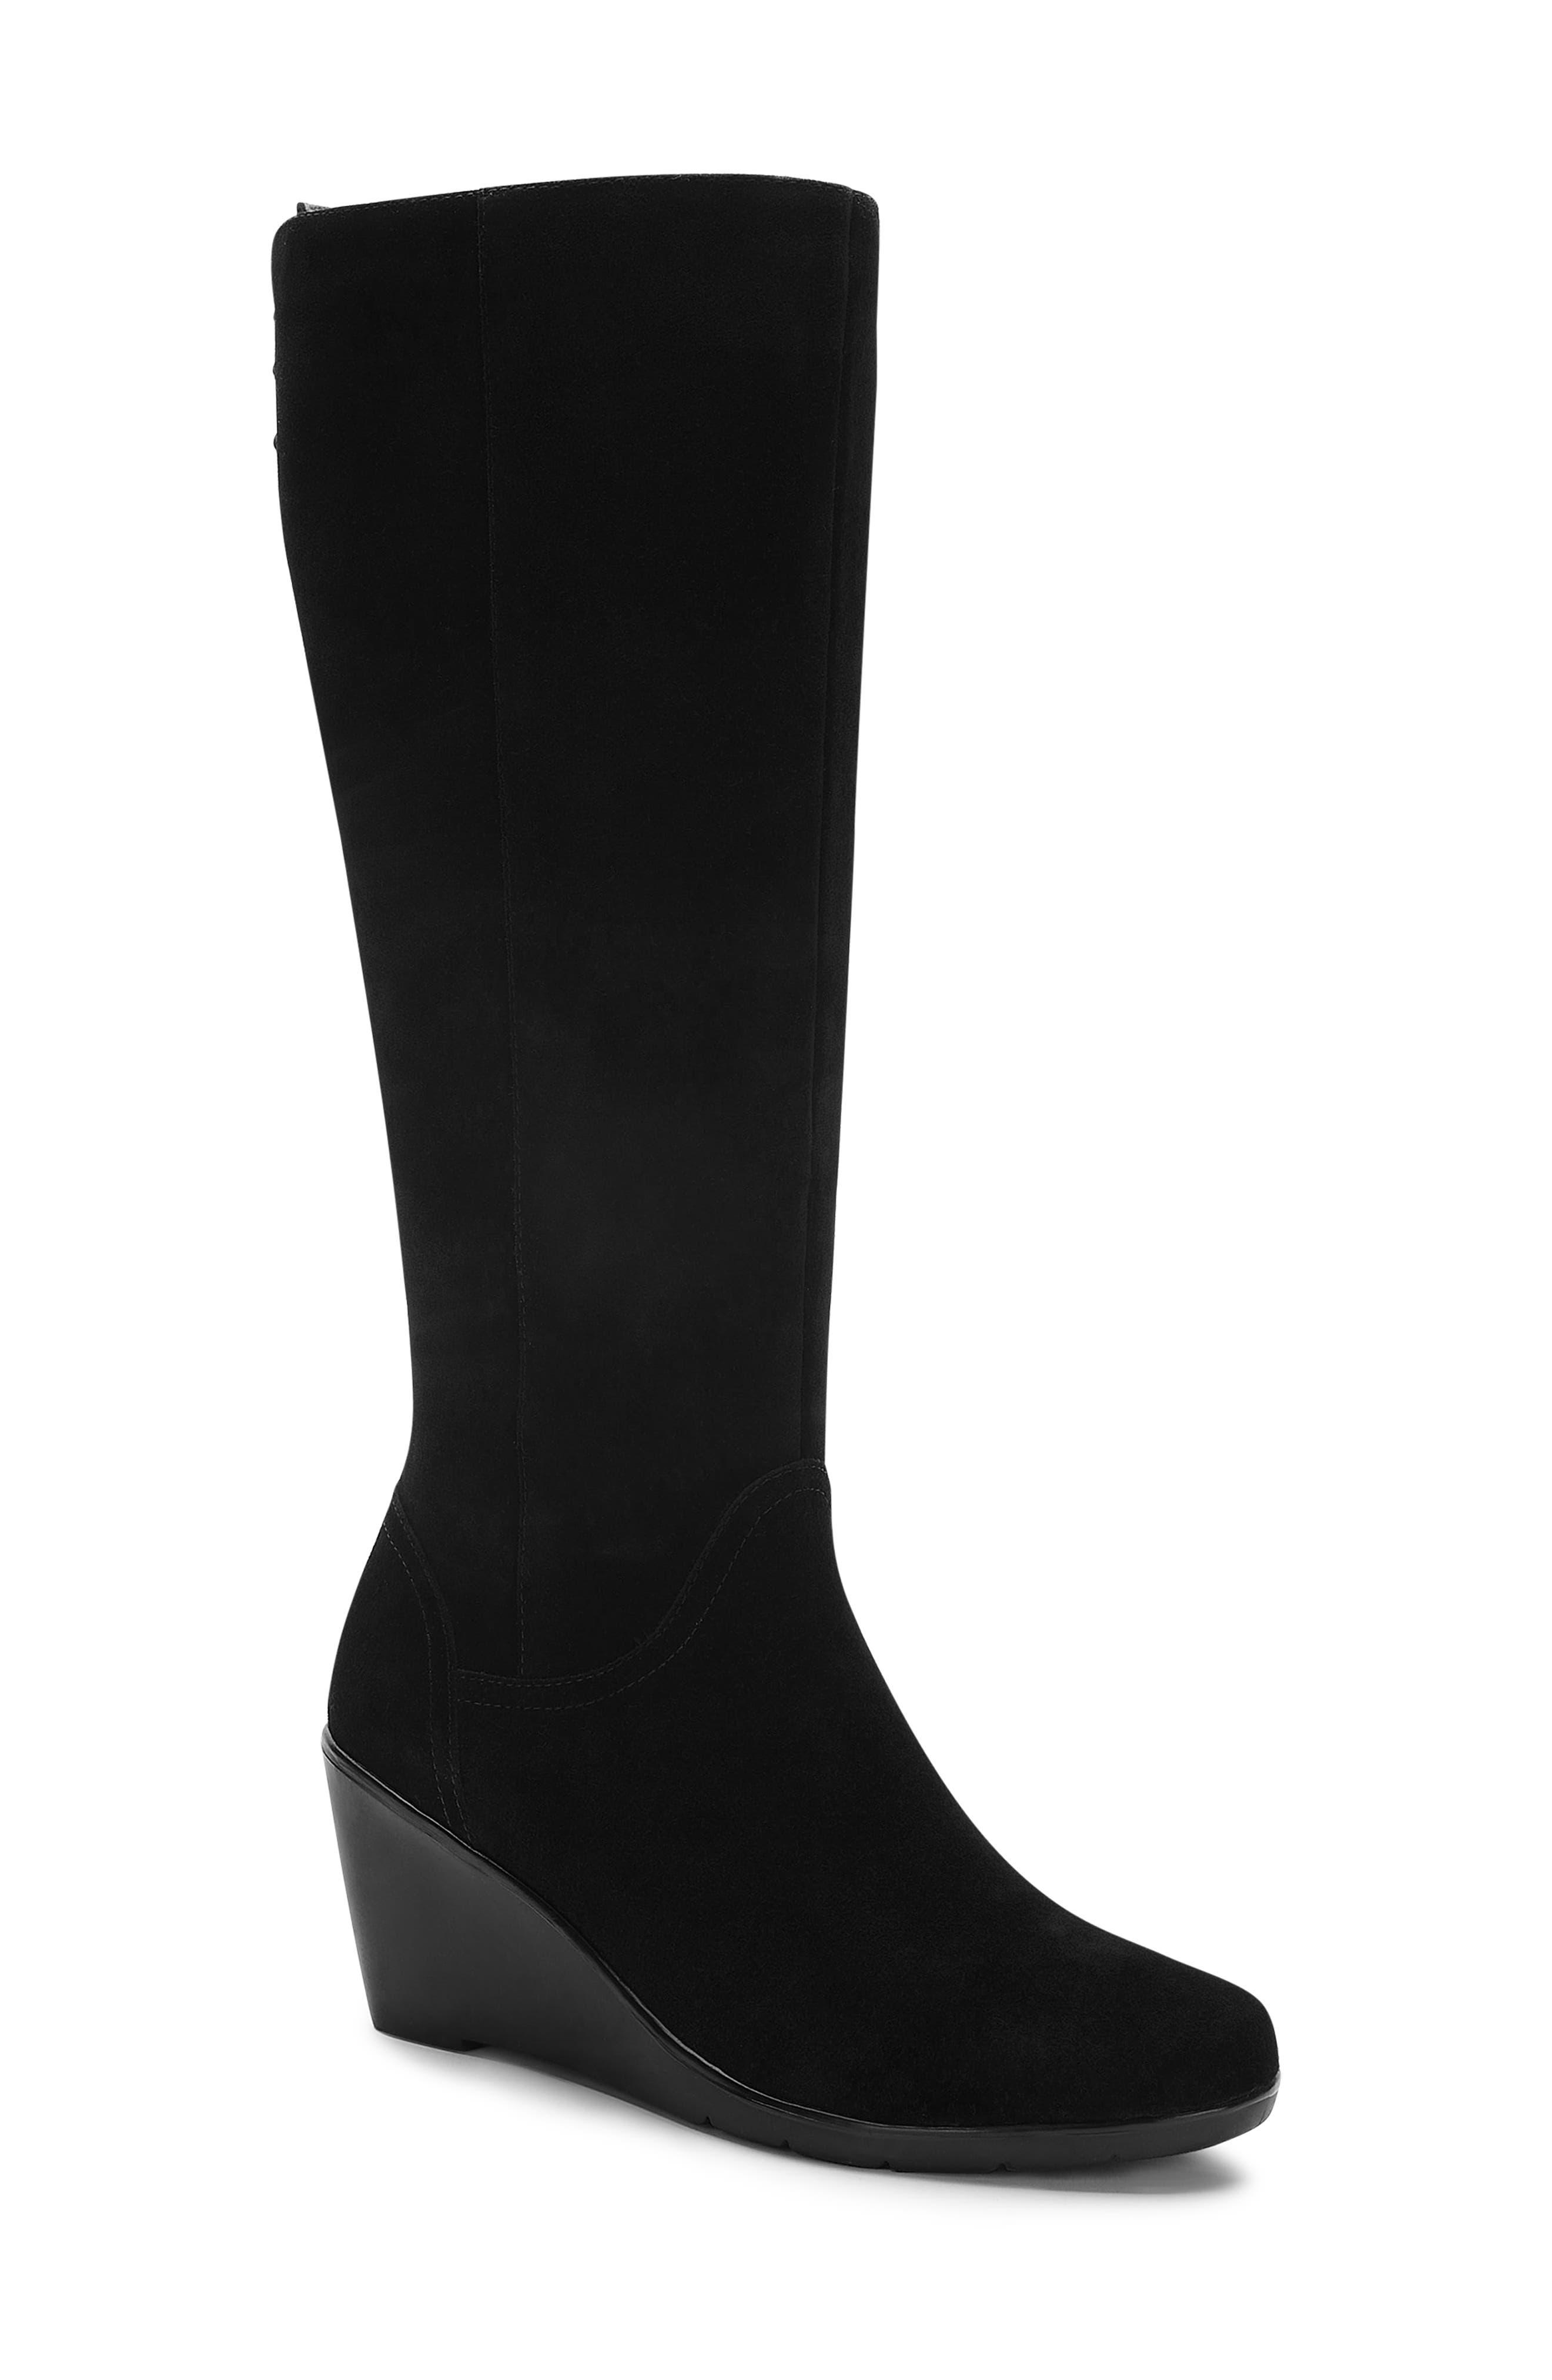 Blondo Larissa Waterproof Wedge Knee High Boot, Black